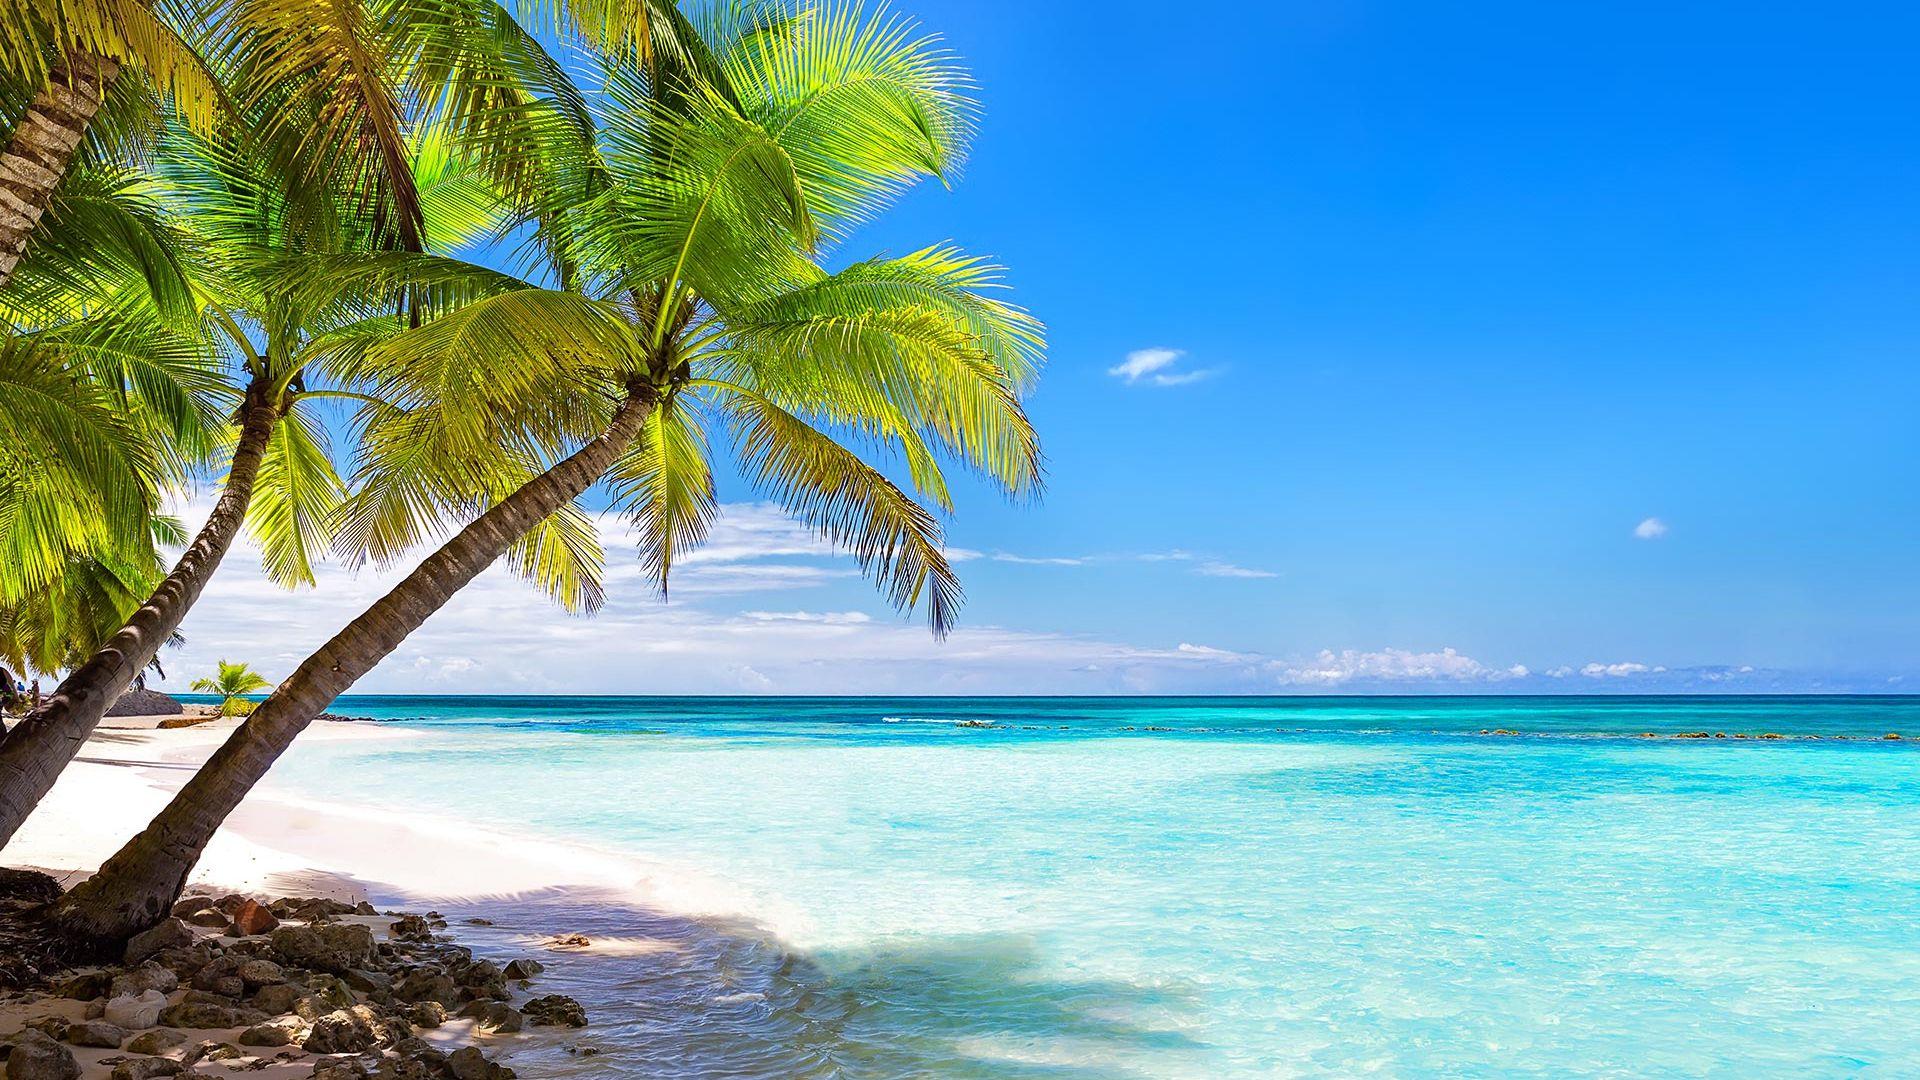 Sejur plaja Punta Cana, Republica Dominicana, 11 zile - februarie 2022